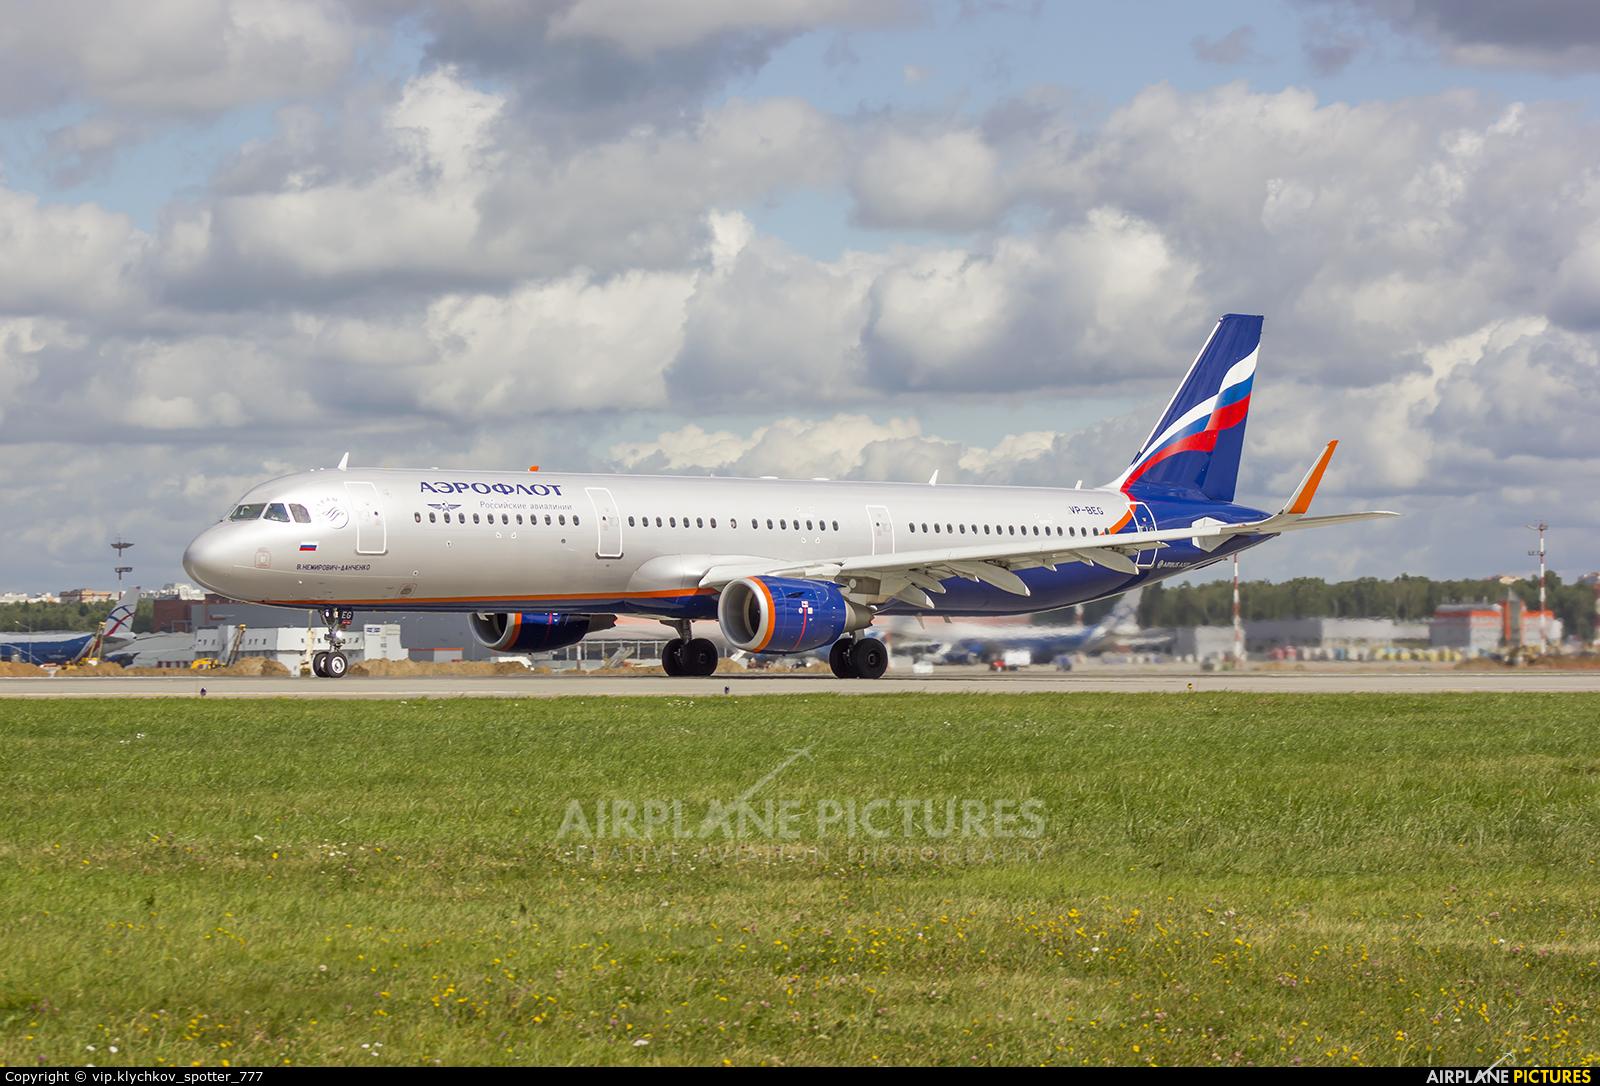 Aeroflot VP-BEG aircraft at Moscow - Sheremetyevo